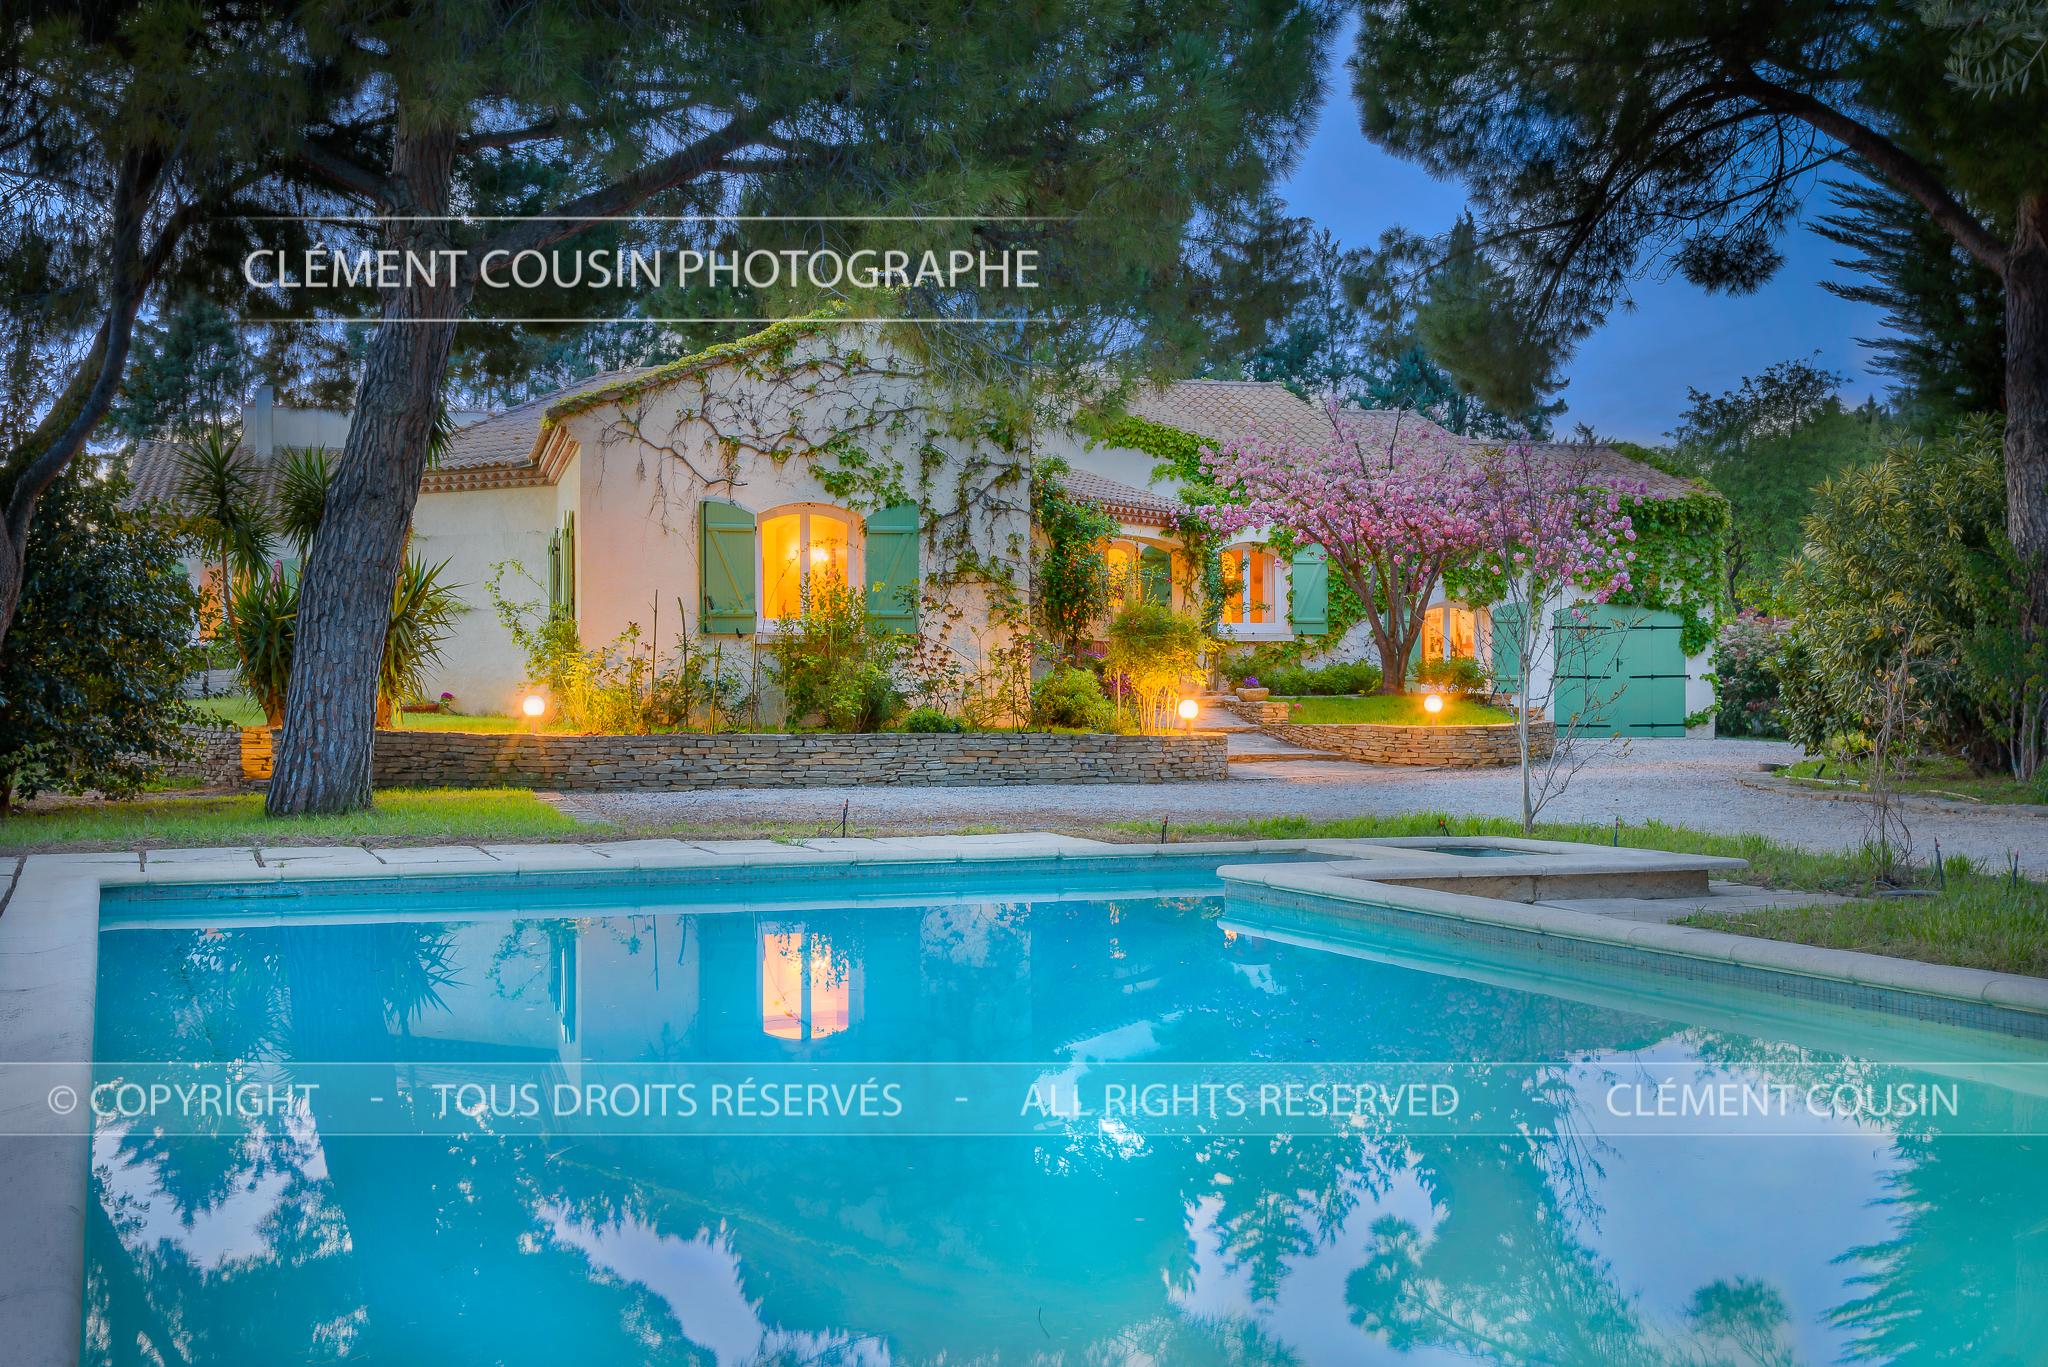 villa boirargues 14-04 no cc-2.jpg